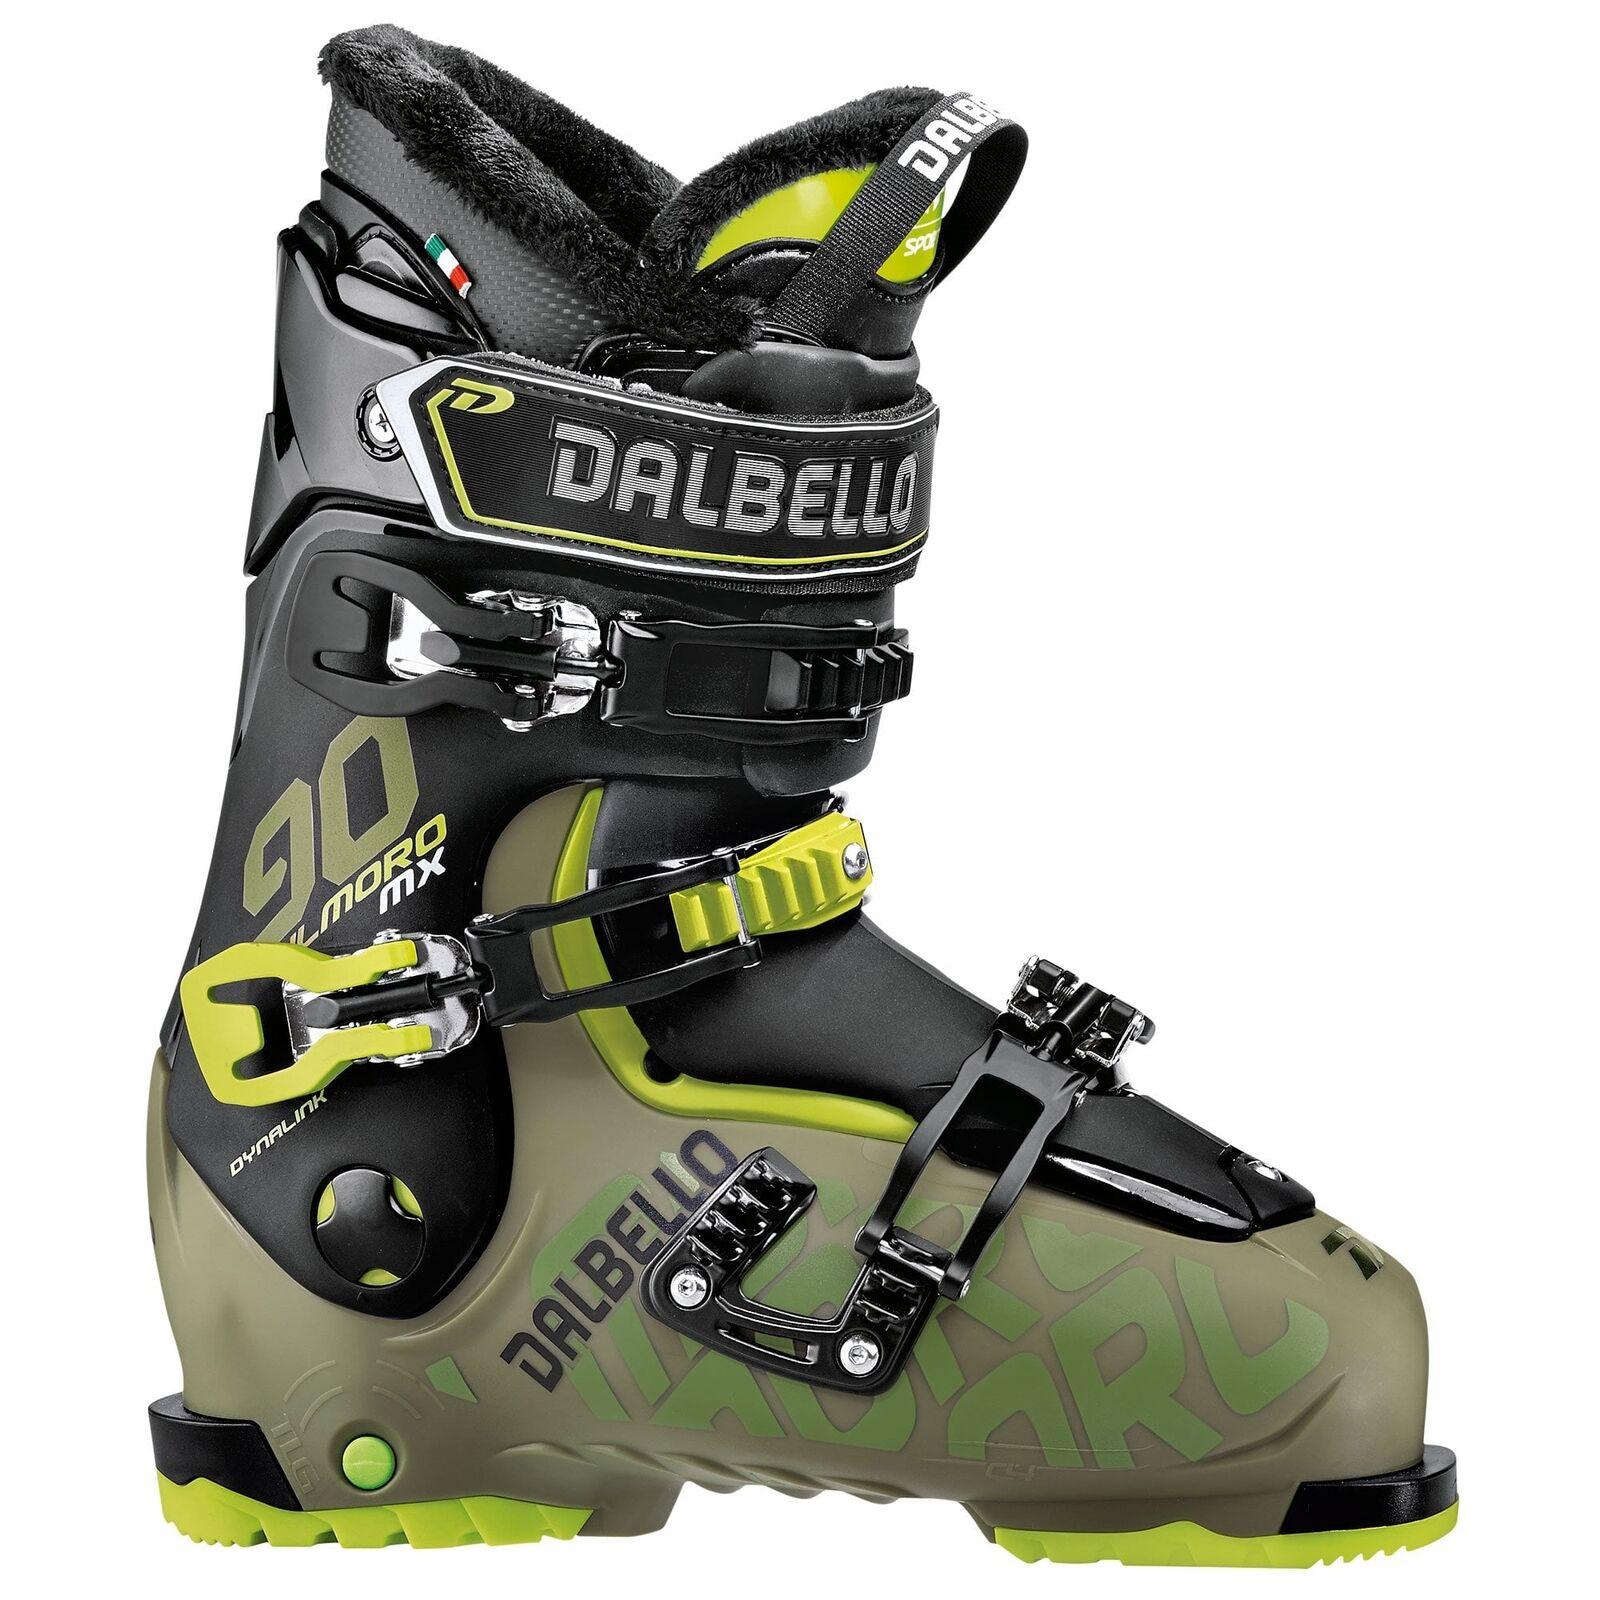 Dalbello Il Moro MX 90 ski avvio